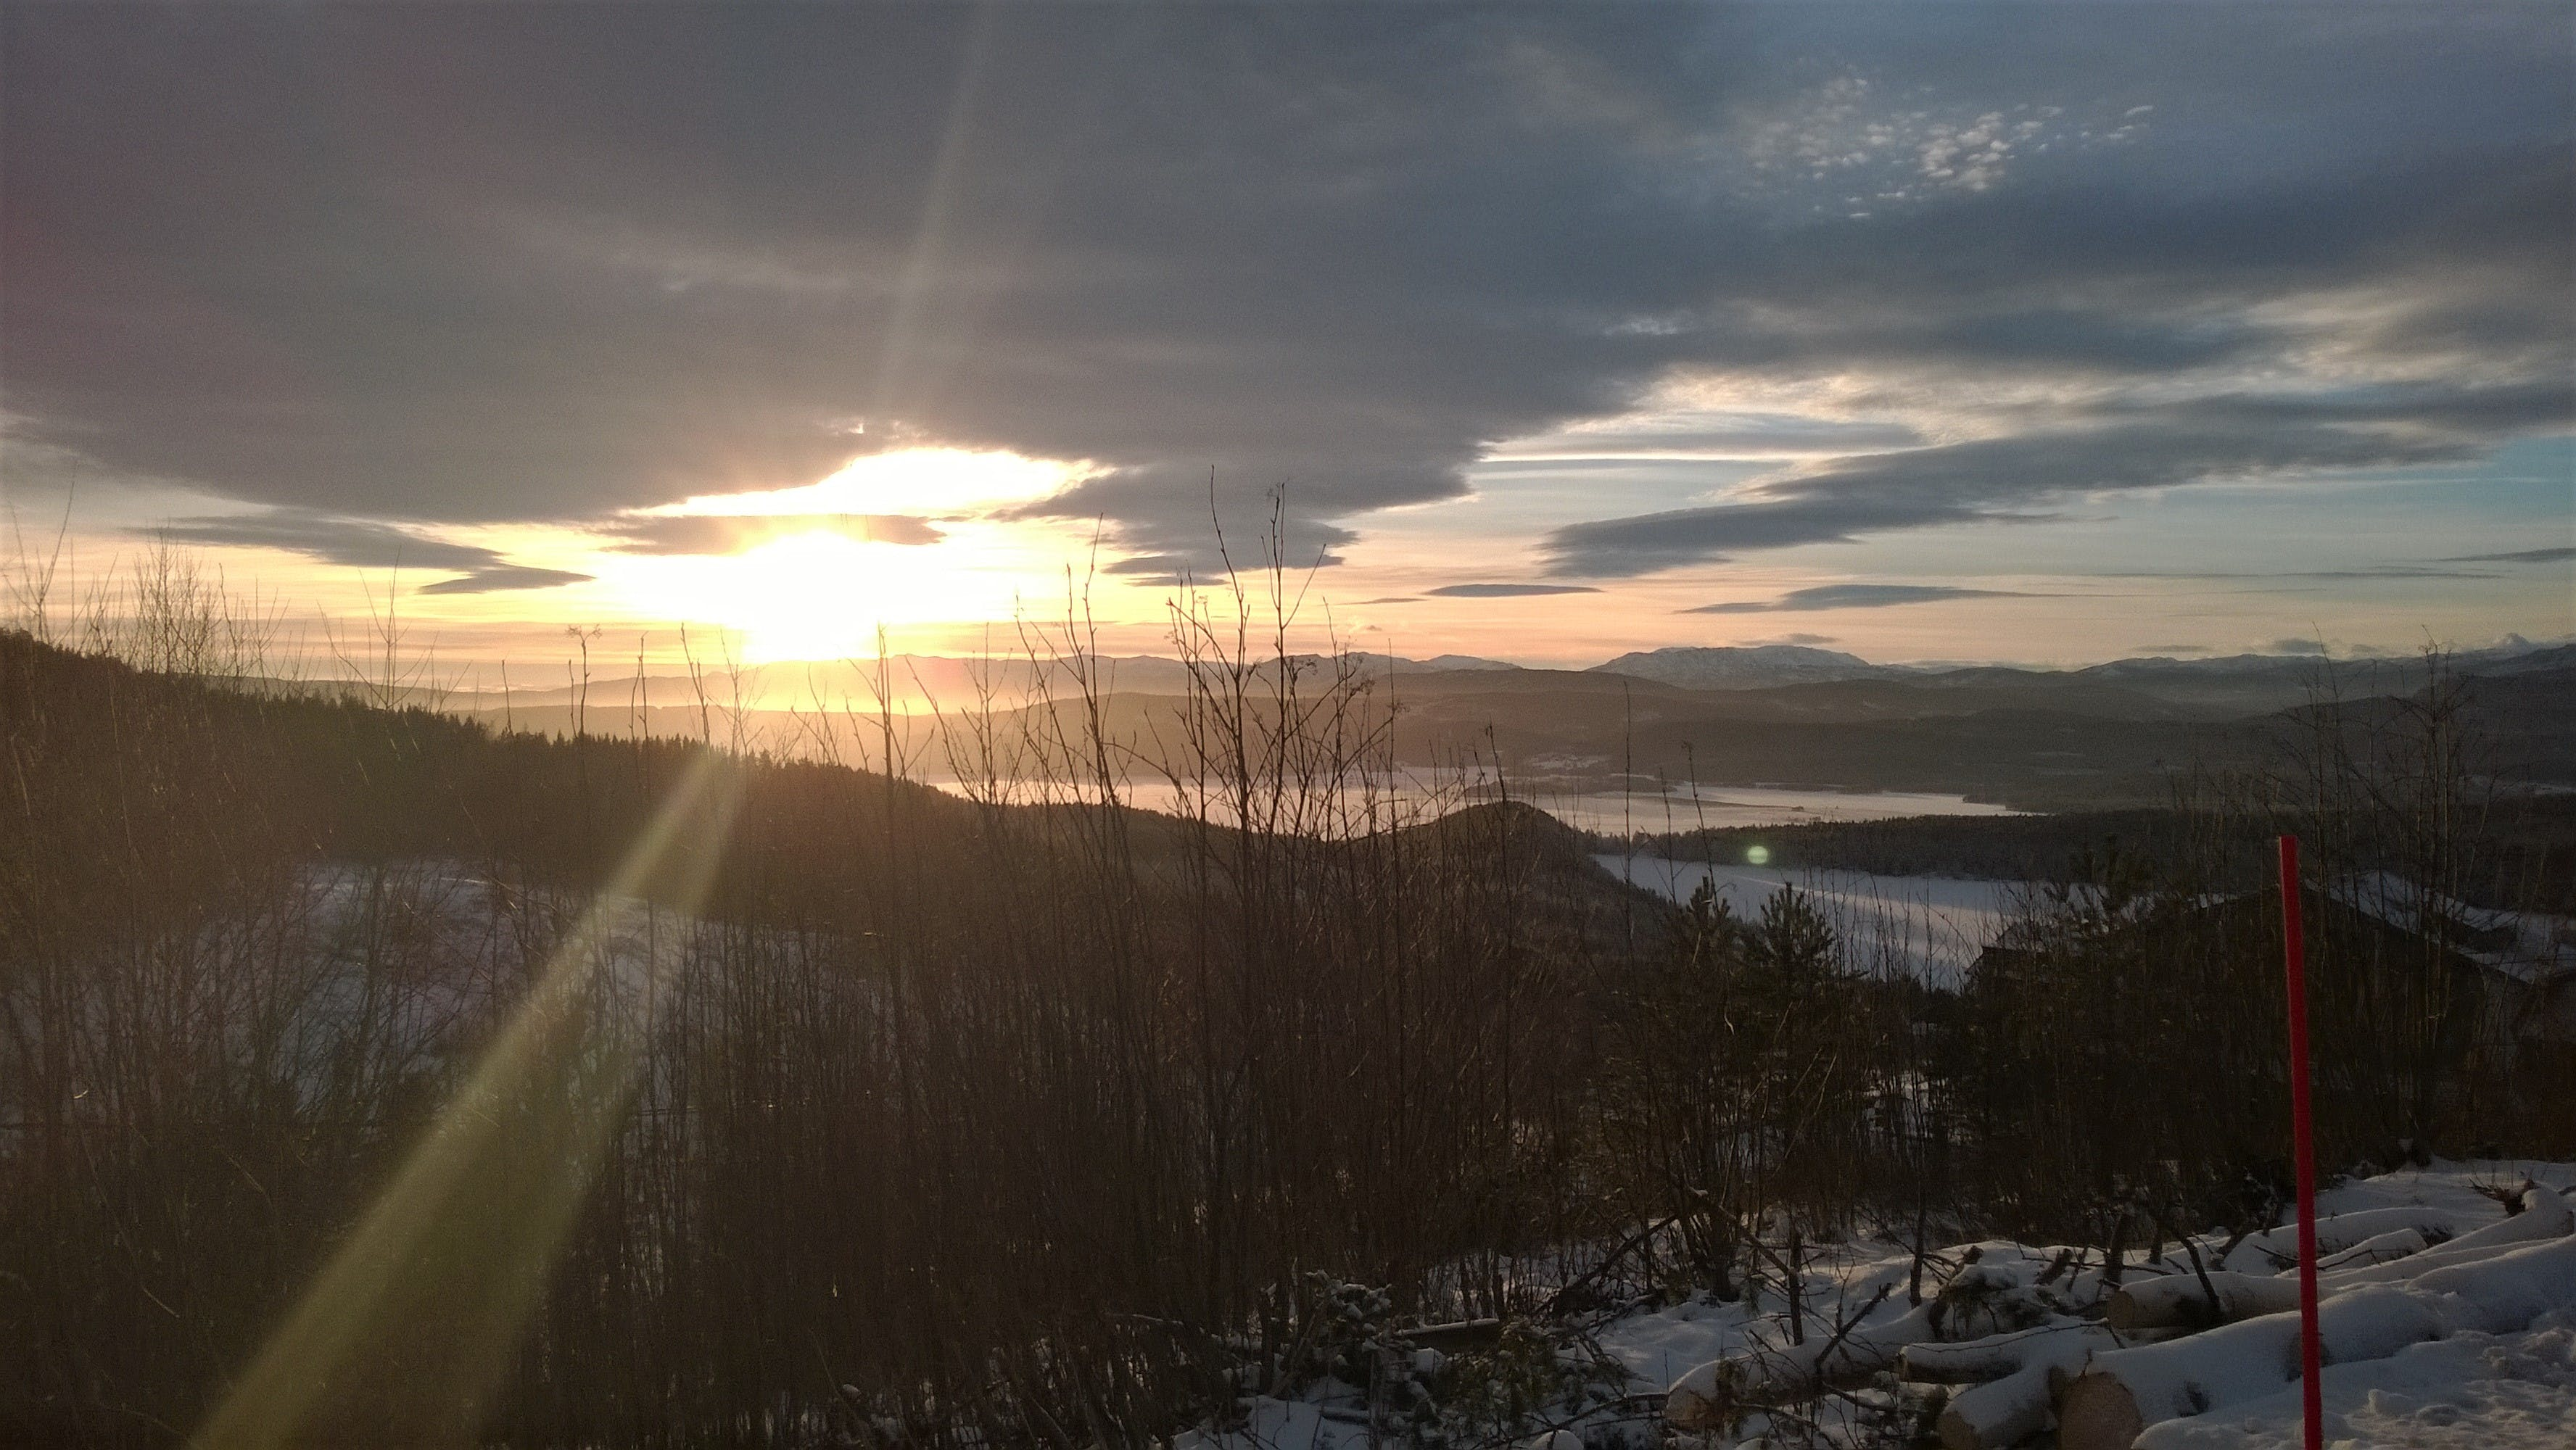 겨울, 경치, 경치가 좋은, 골든 아워의 무료 스톡 사진